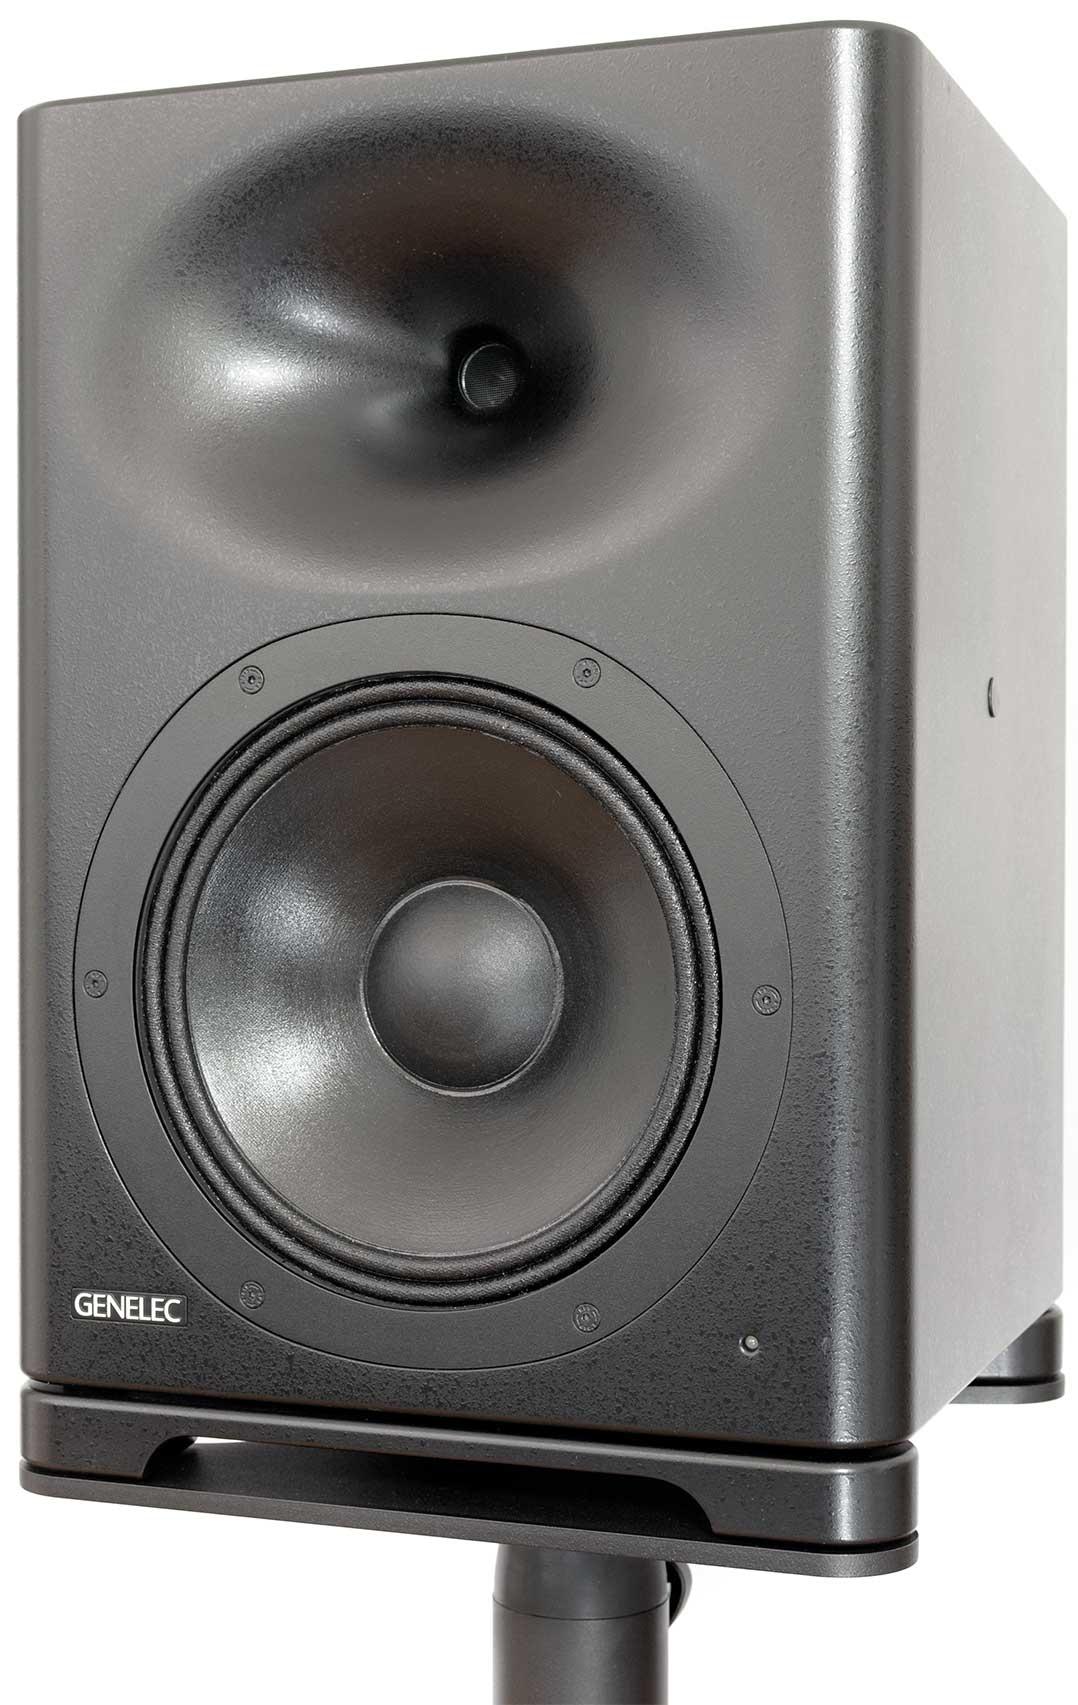 Genelec S360